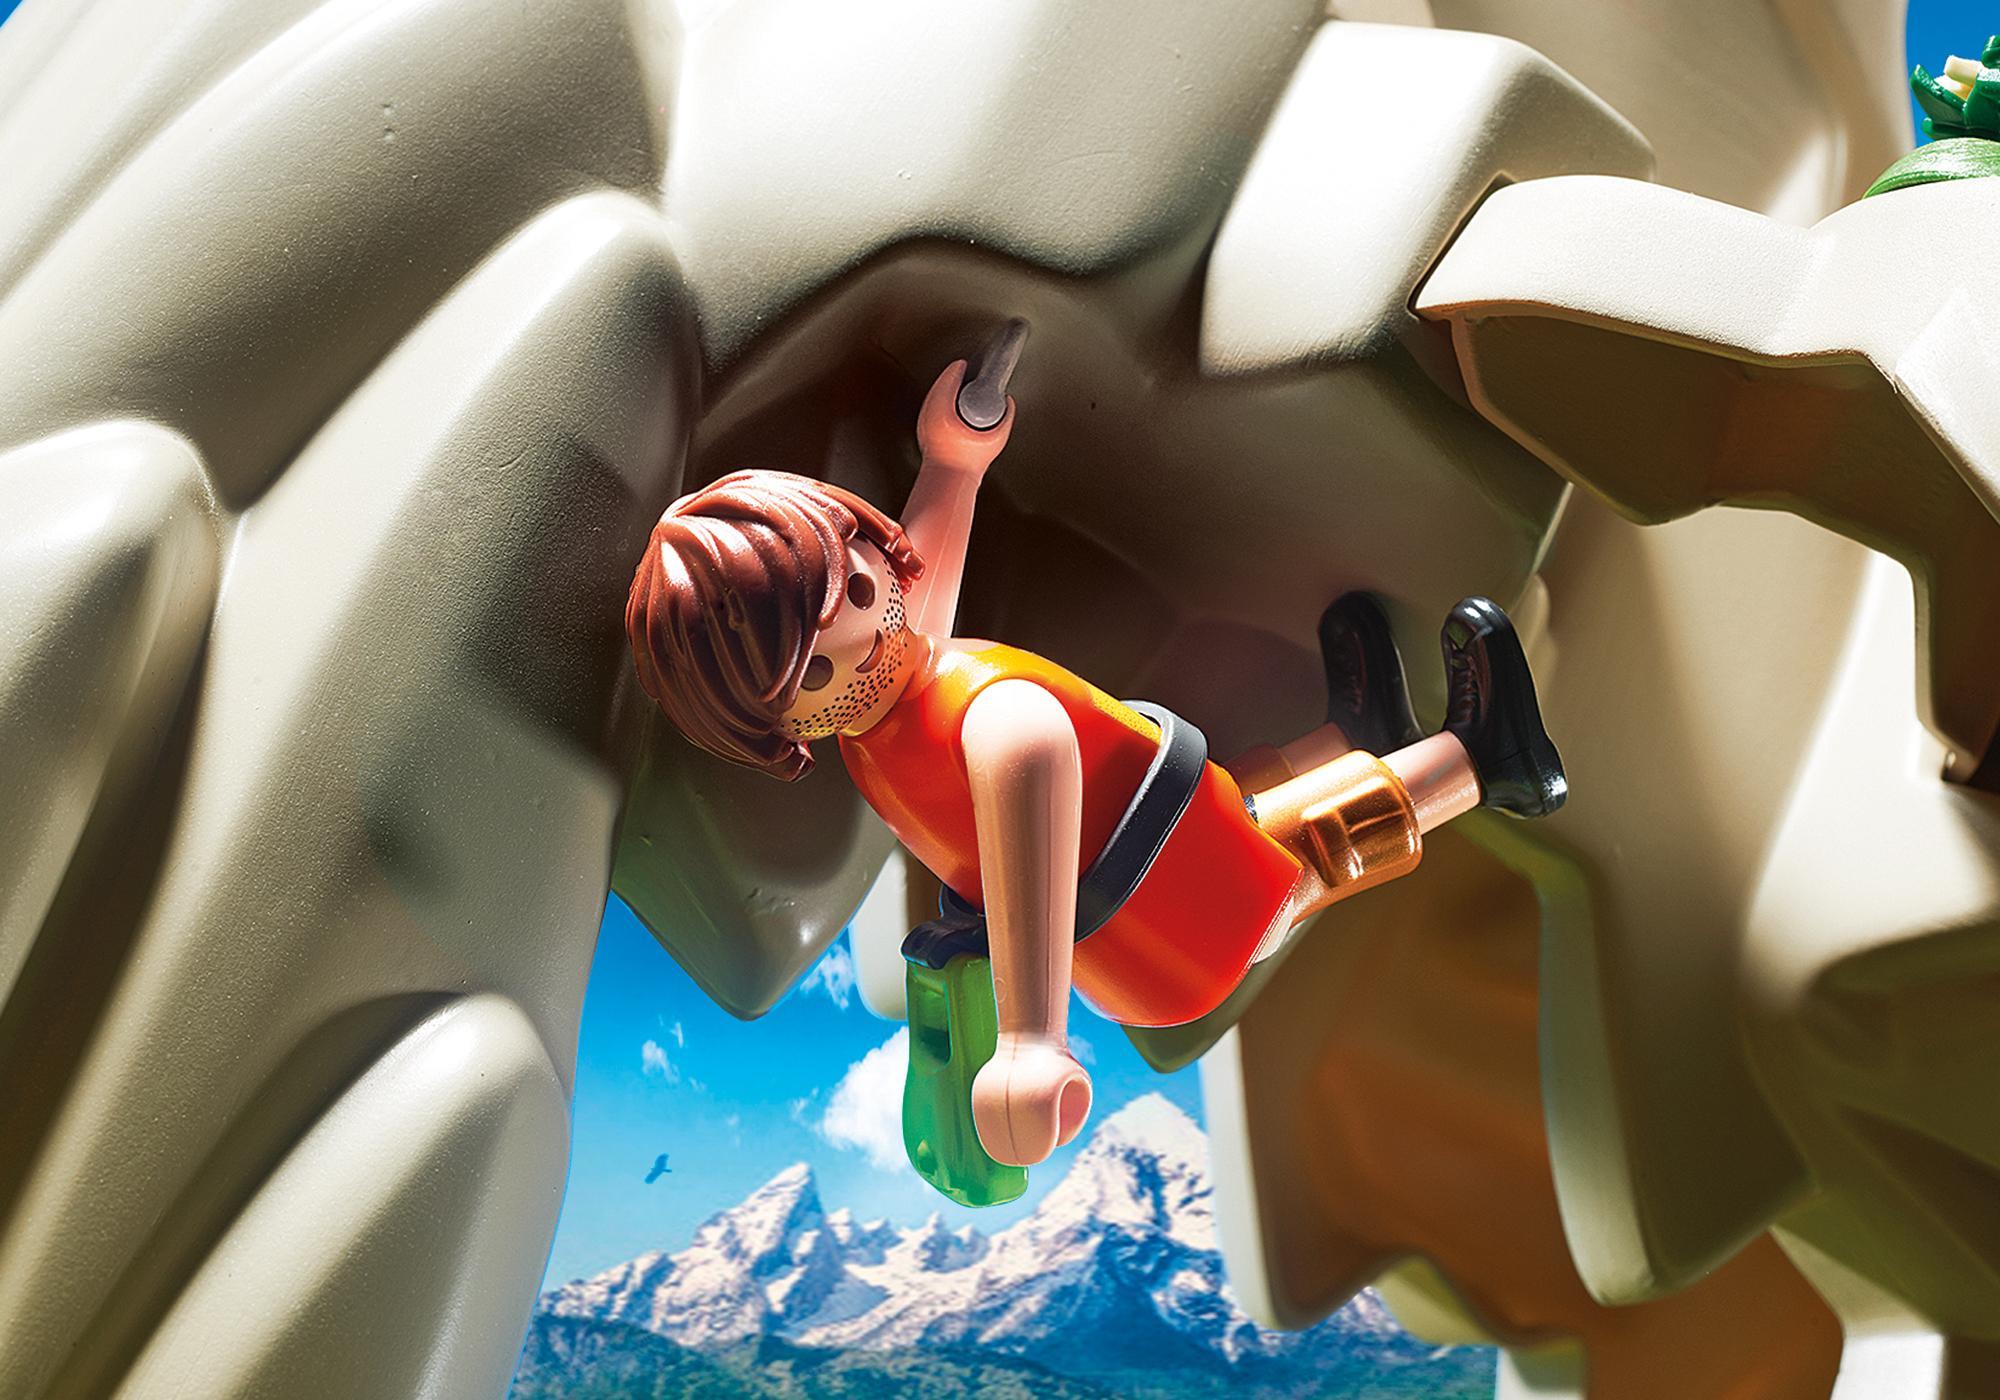 http://media.playmobil.com/i/playmobil/9126_product_extra1/Alpinistas com Cabine